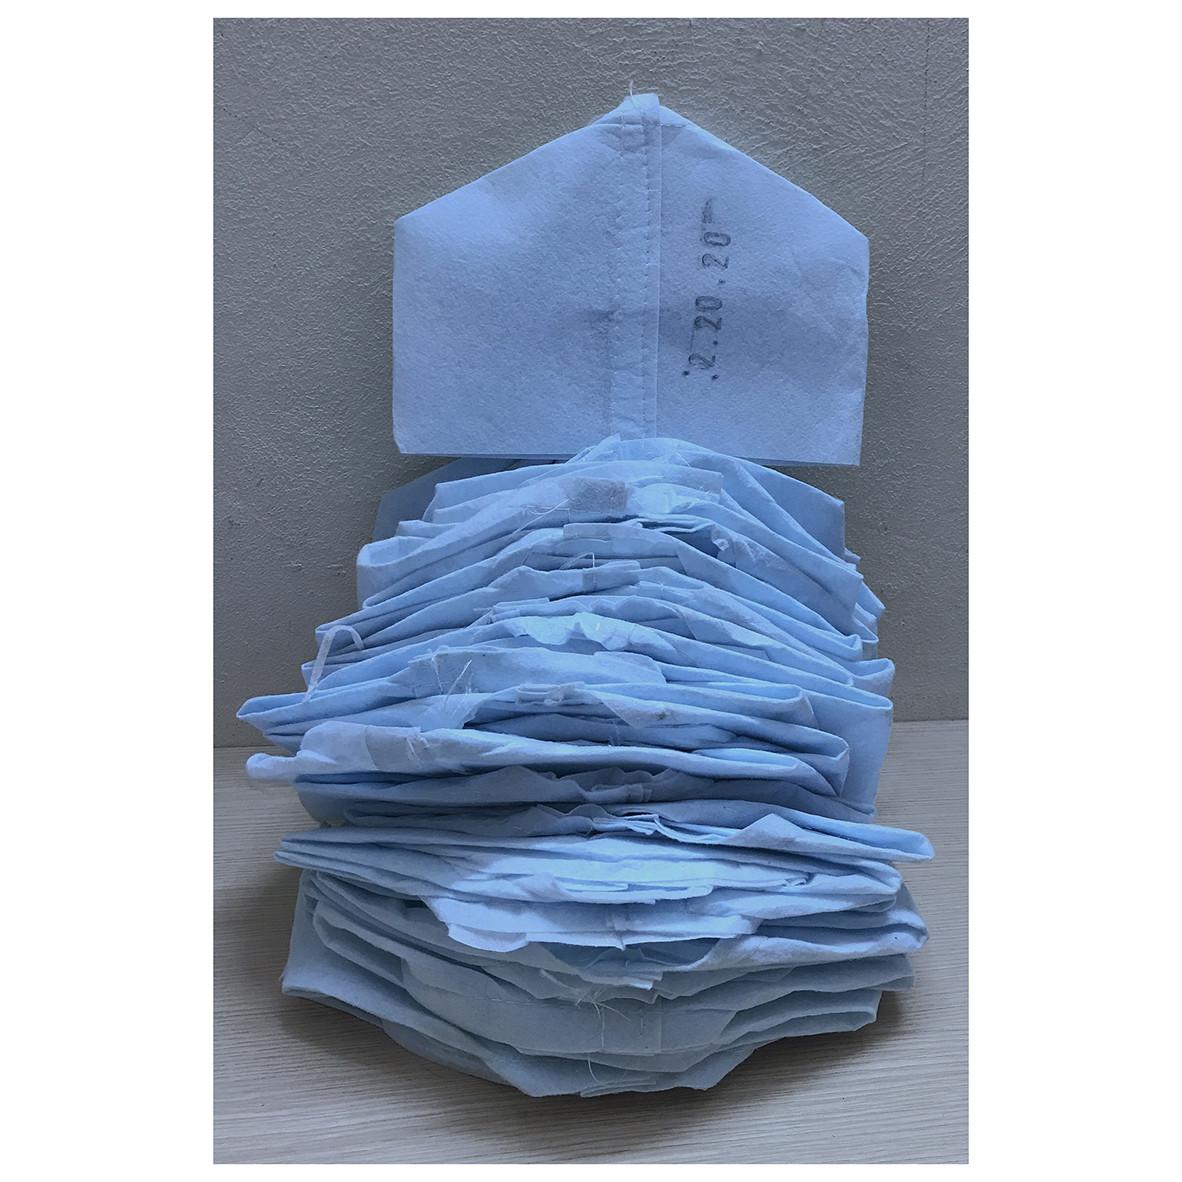 30 Túi Vải Việt Nam 20x20 Cm - Túi vải trồng cây 20x20cm